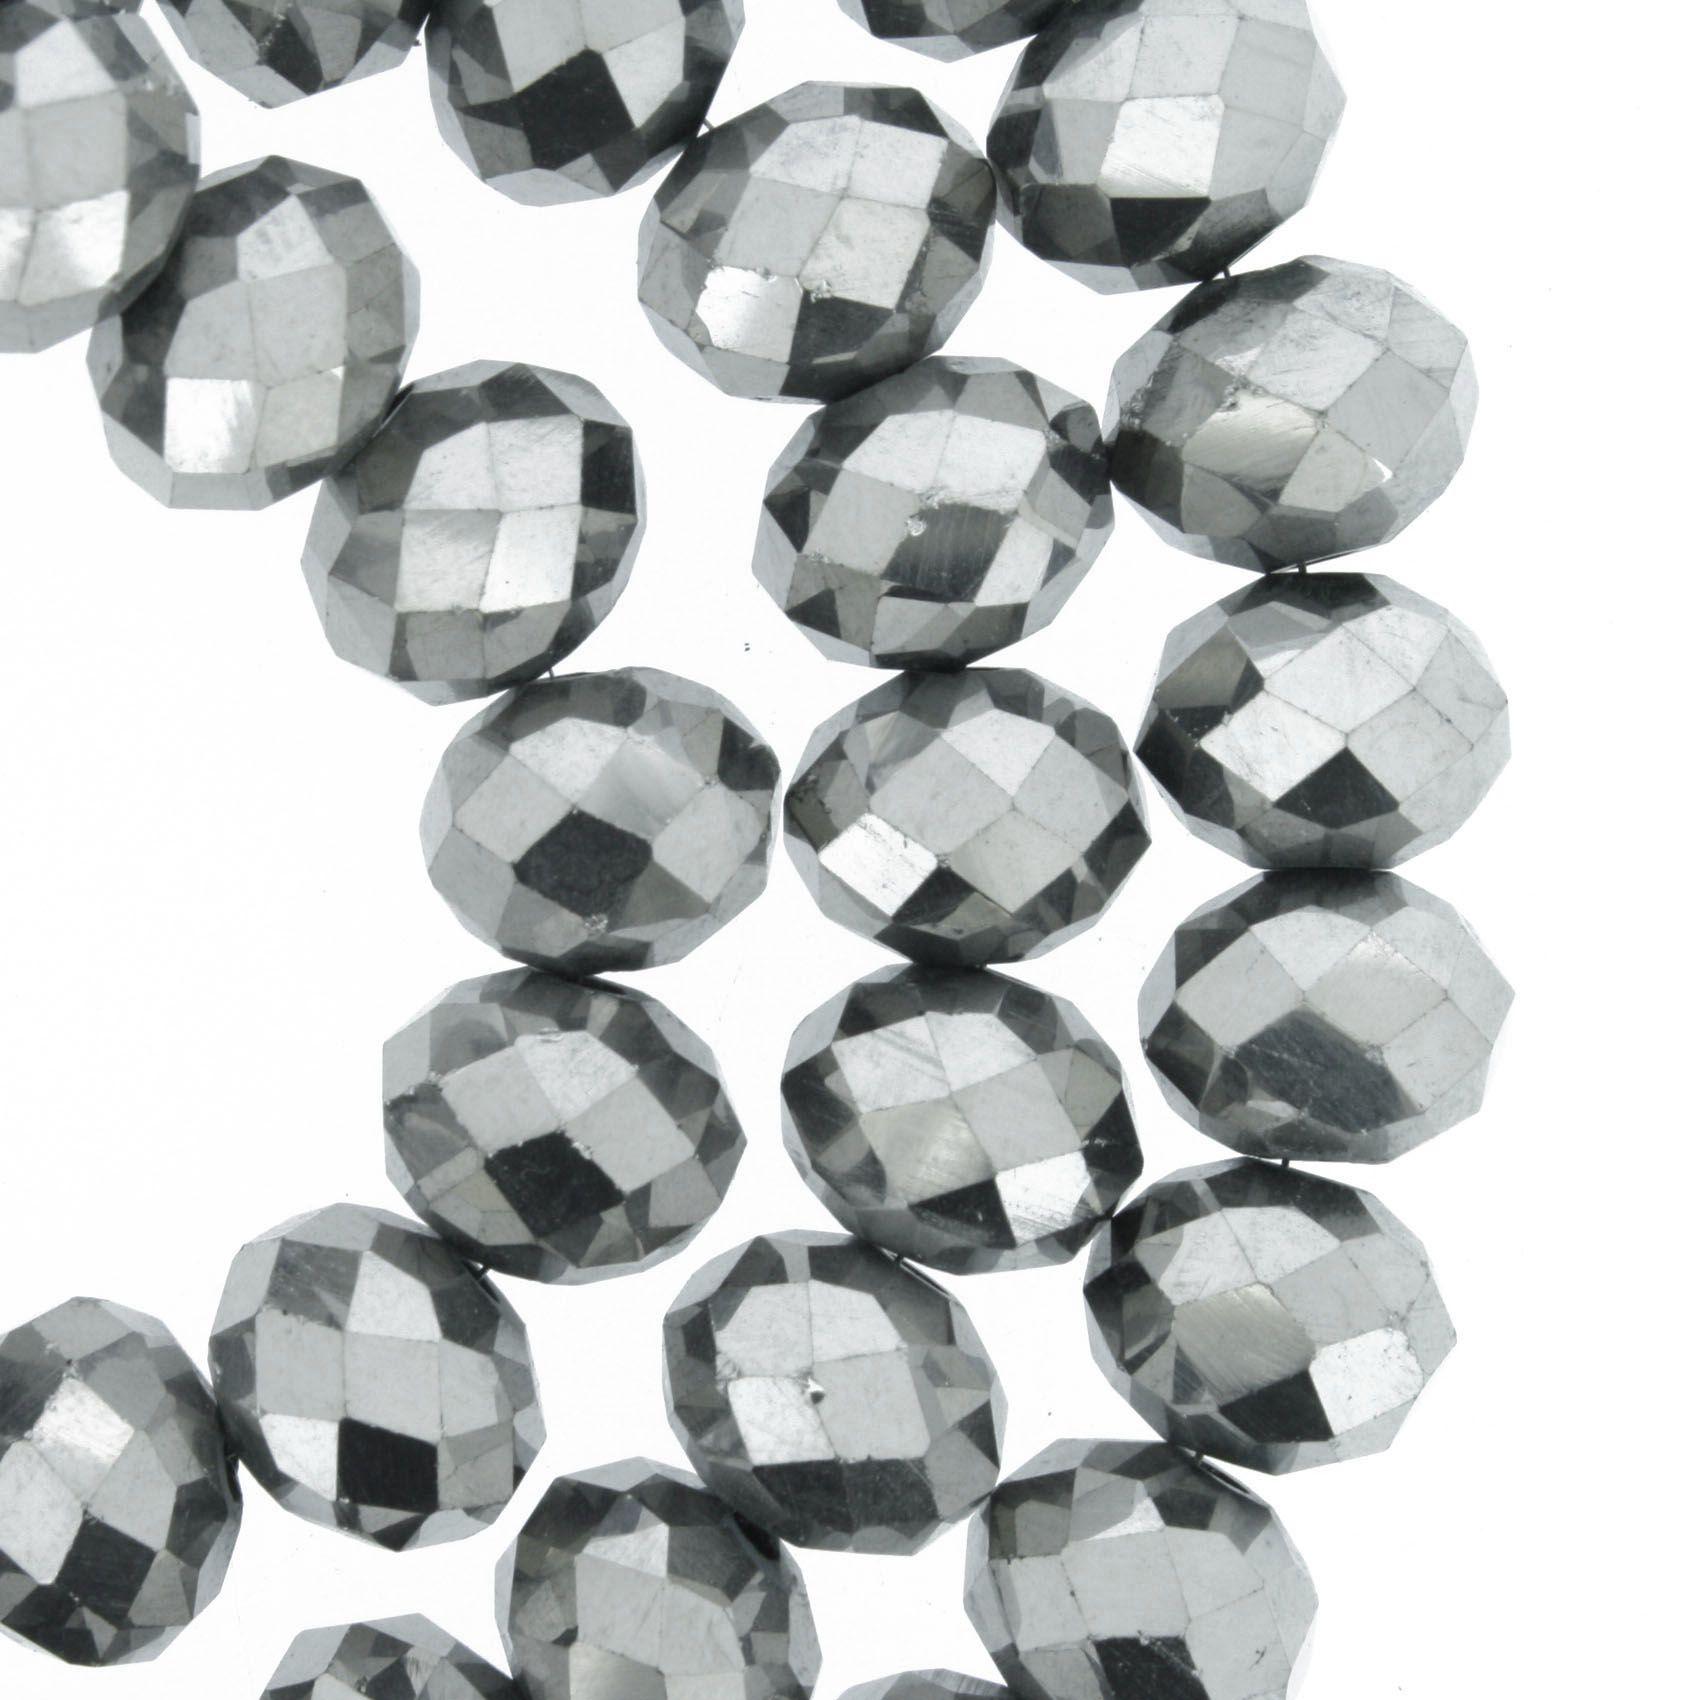 Fio de Cristal - Piatto® - Prateado - 10mm  - Universo Religioso® - Artigos de Umbanda e Candomblé